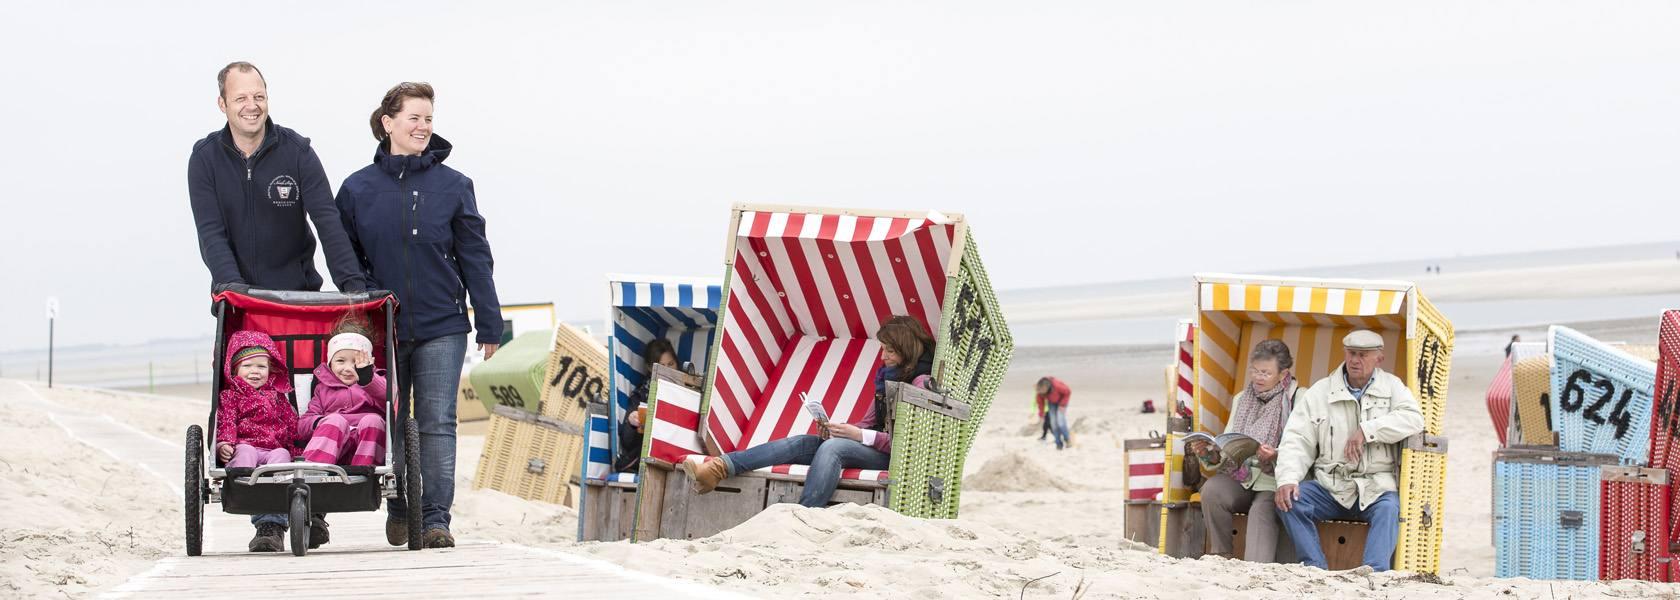 Von barrierefreien Angeboten profitieren alle Gäste der niedersächsischen Nordsee., © Martin Stöver